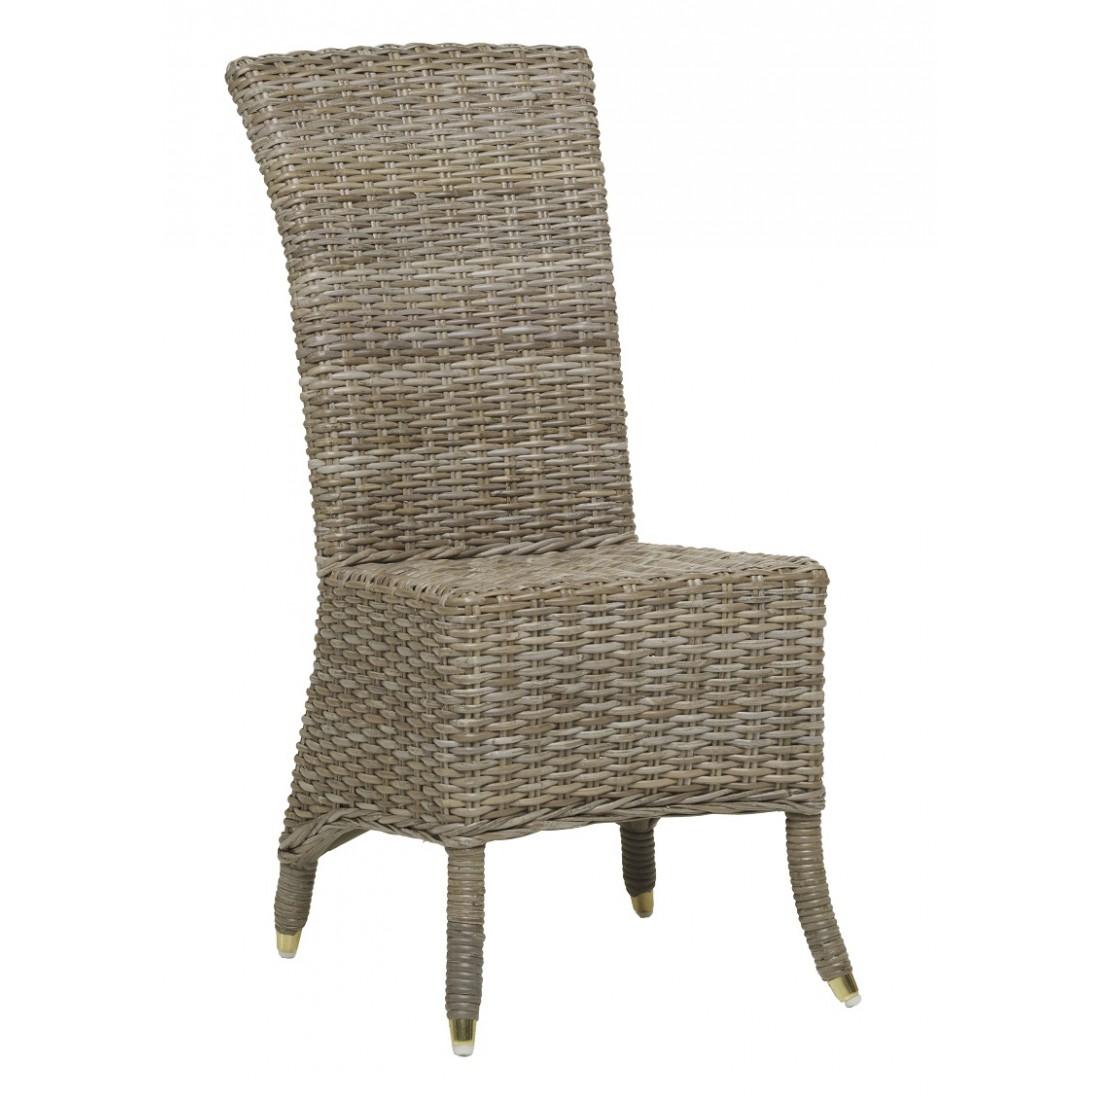 chaise rotin chaise rotin with chaise rotin location. Black Bedroom Furniture Sets. Home Design Ideas